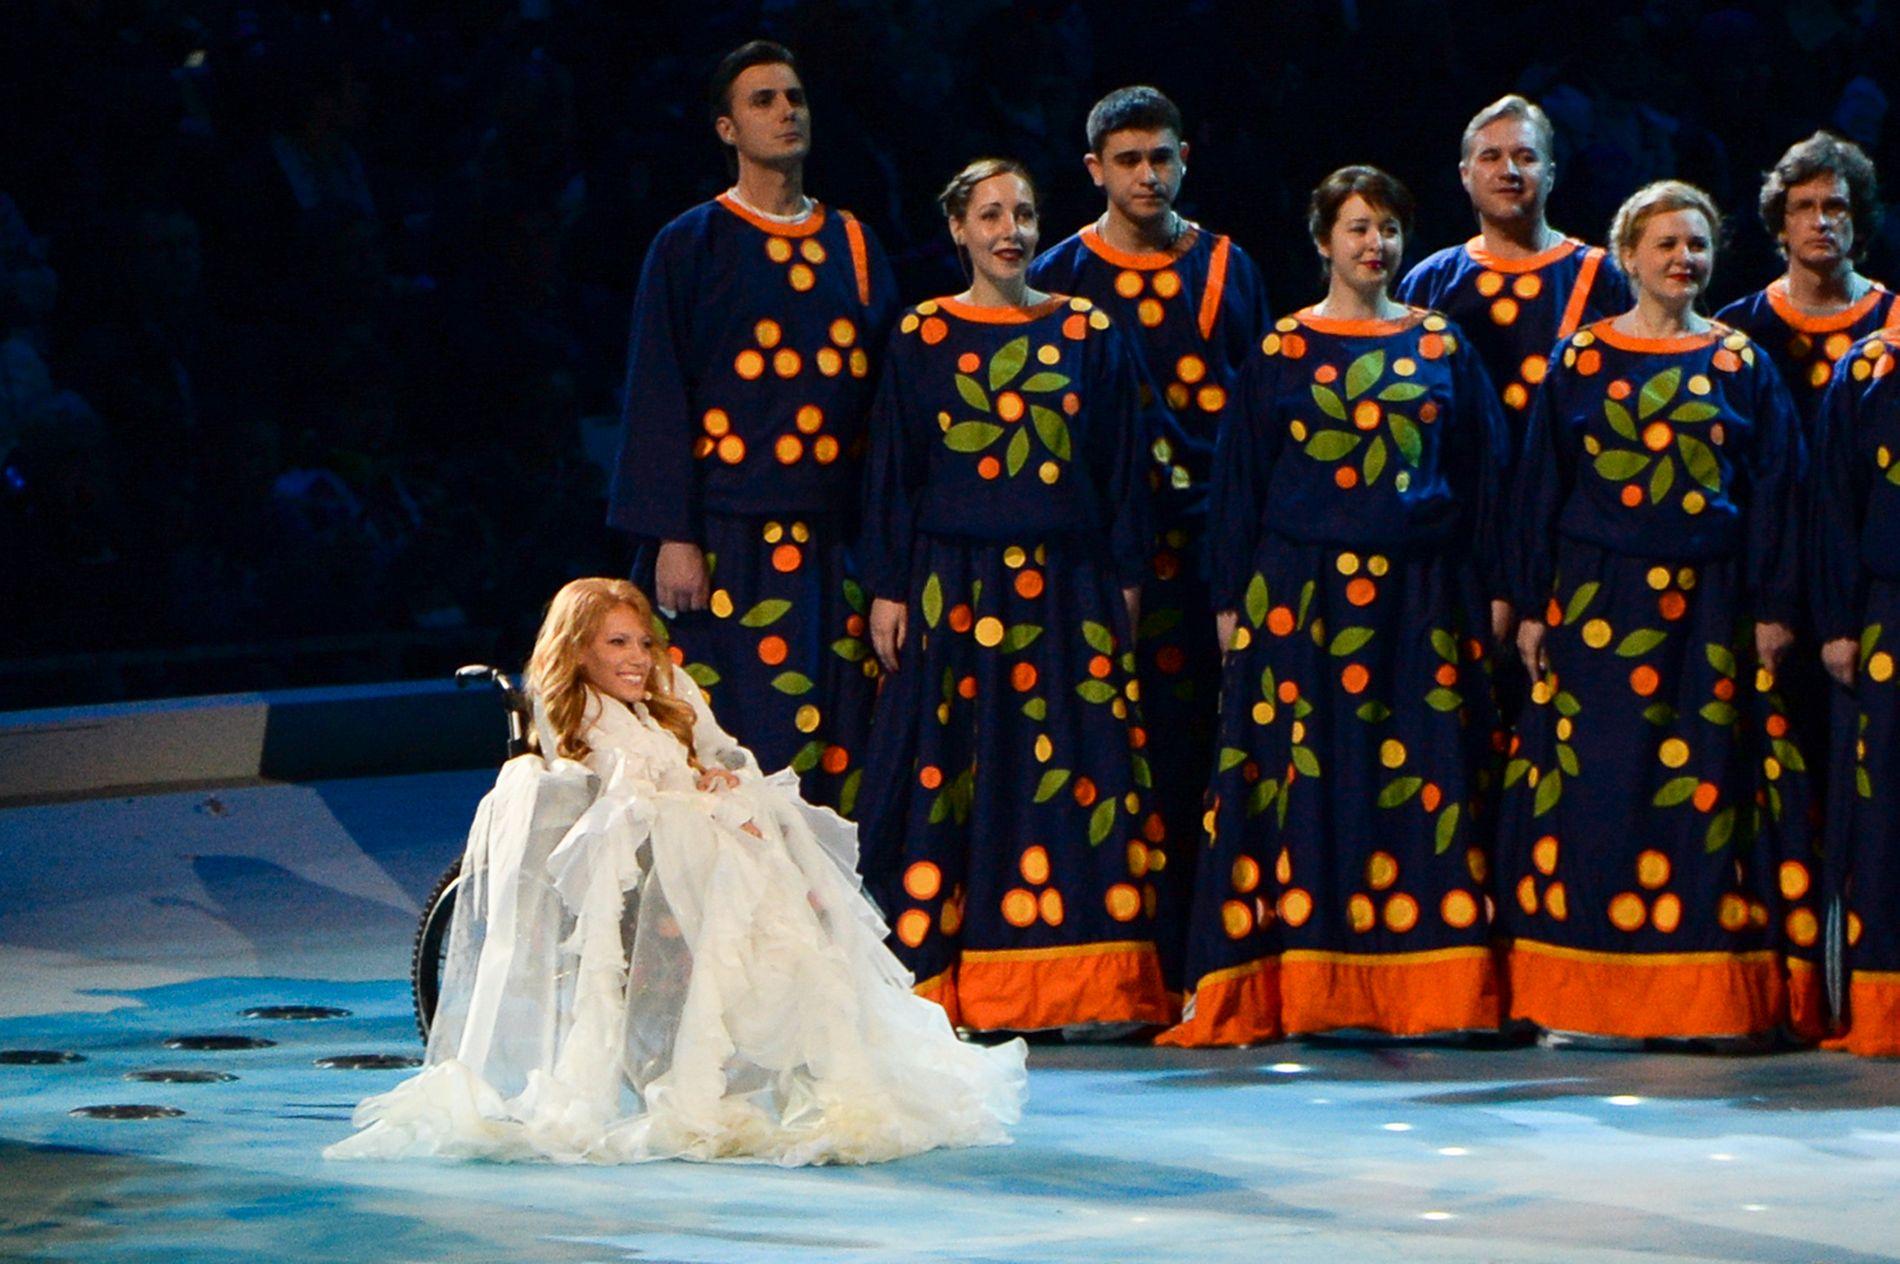 UTESTENGT: I dette bildet fra 2014 synger Julija Samojlova under åpningen av Paralympics.